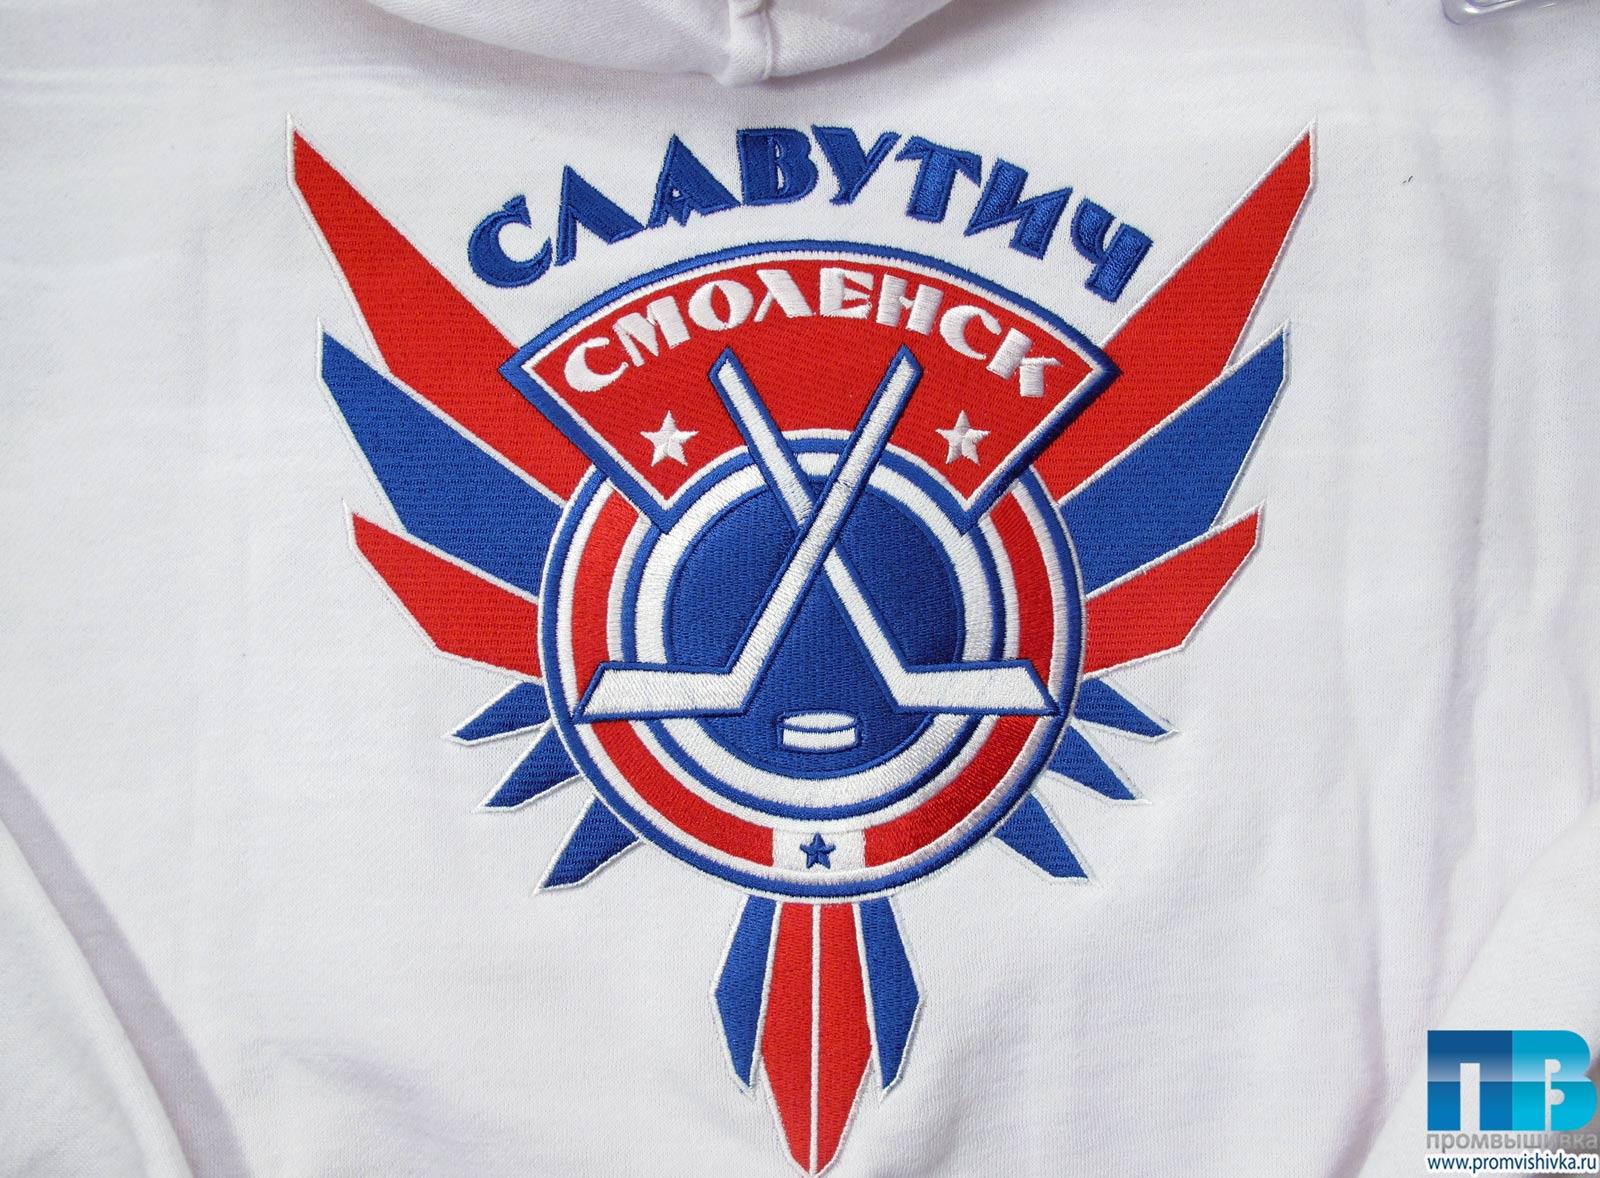 Спортивная команда решила заказать вышивку эмблемы своего клуба на форме